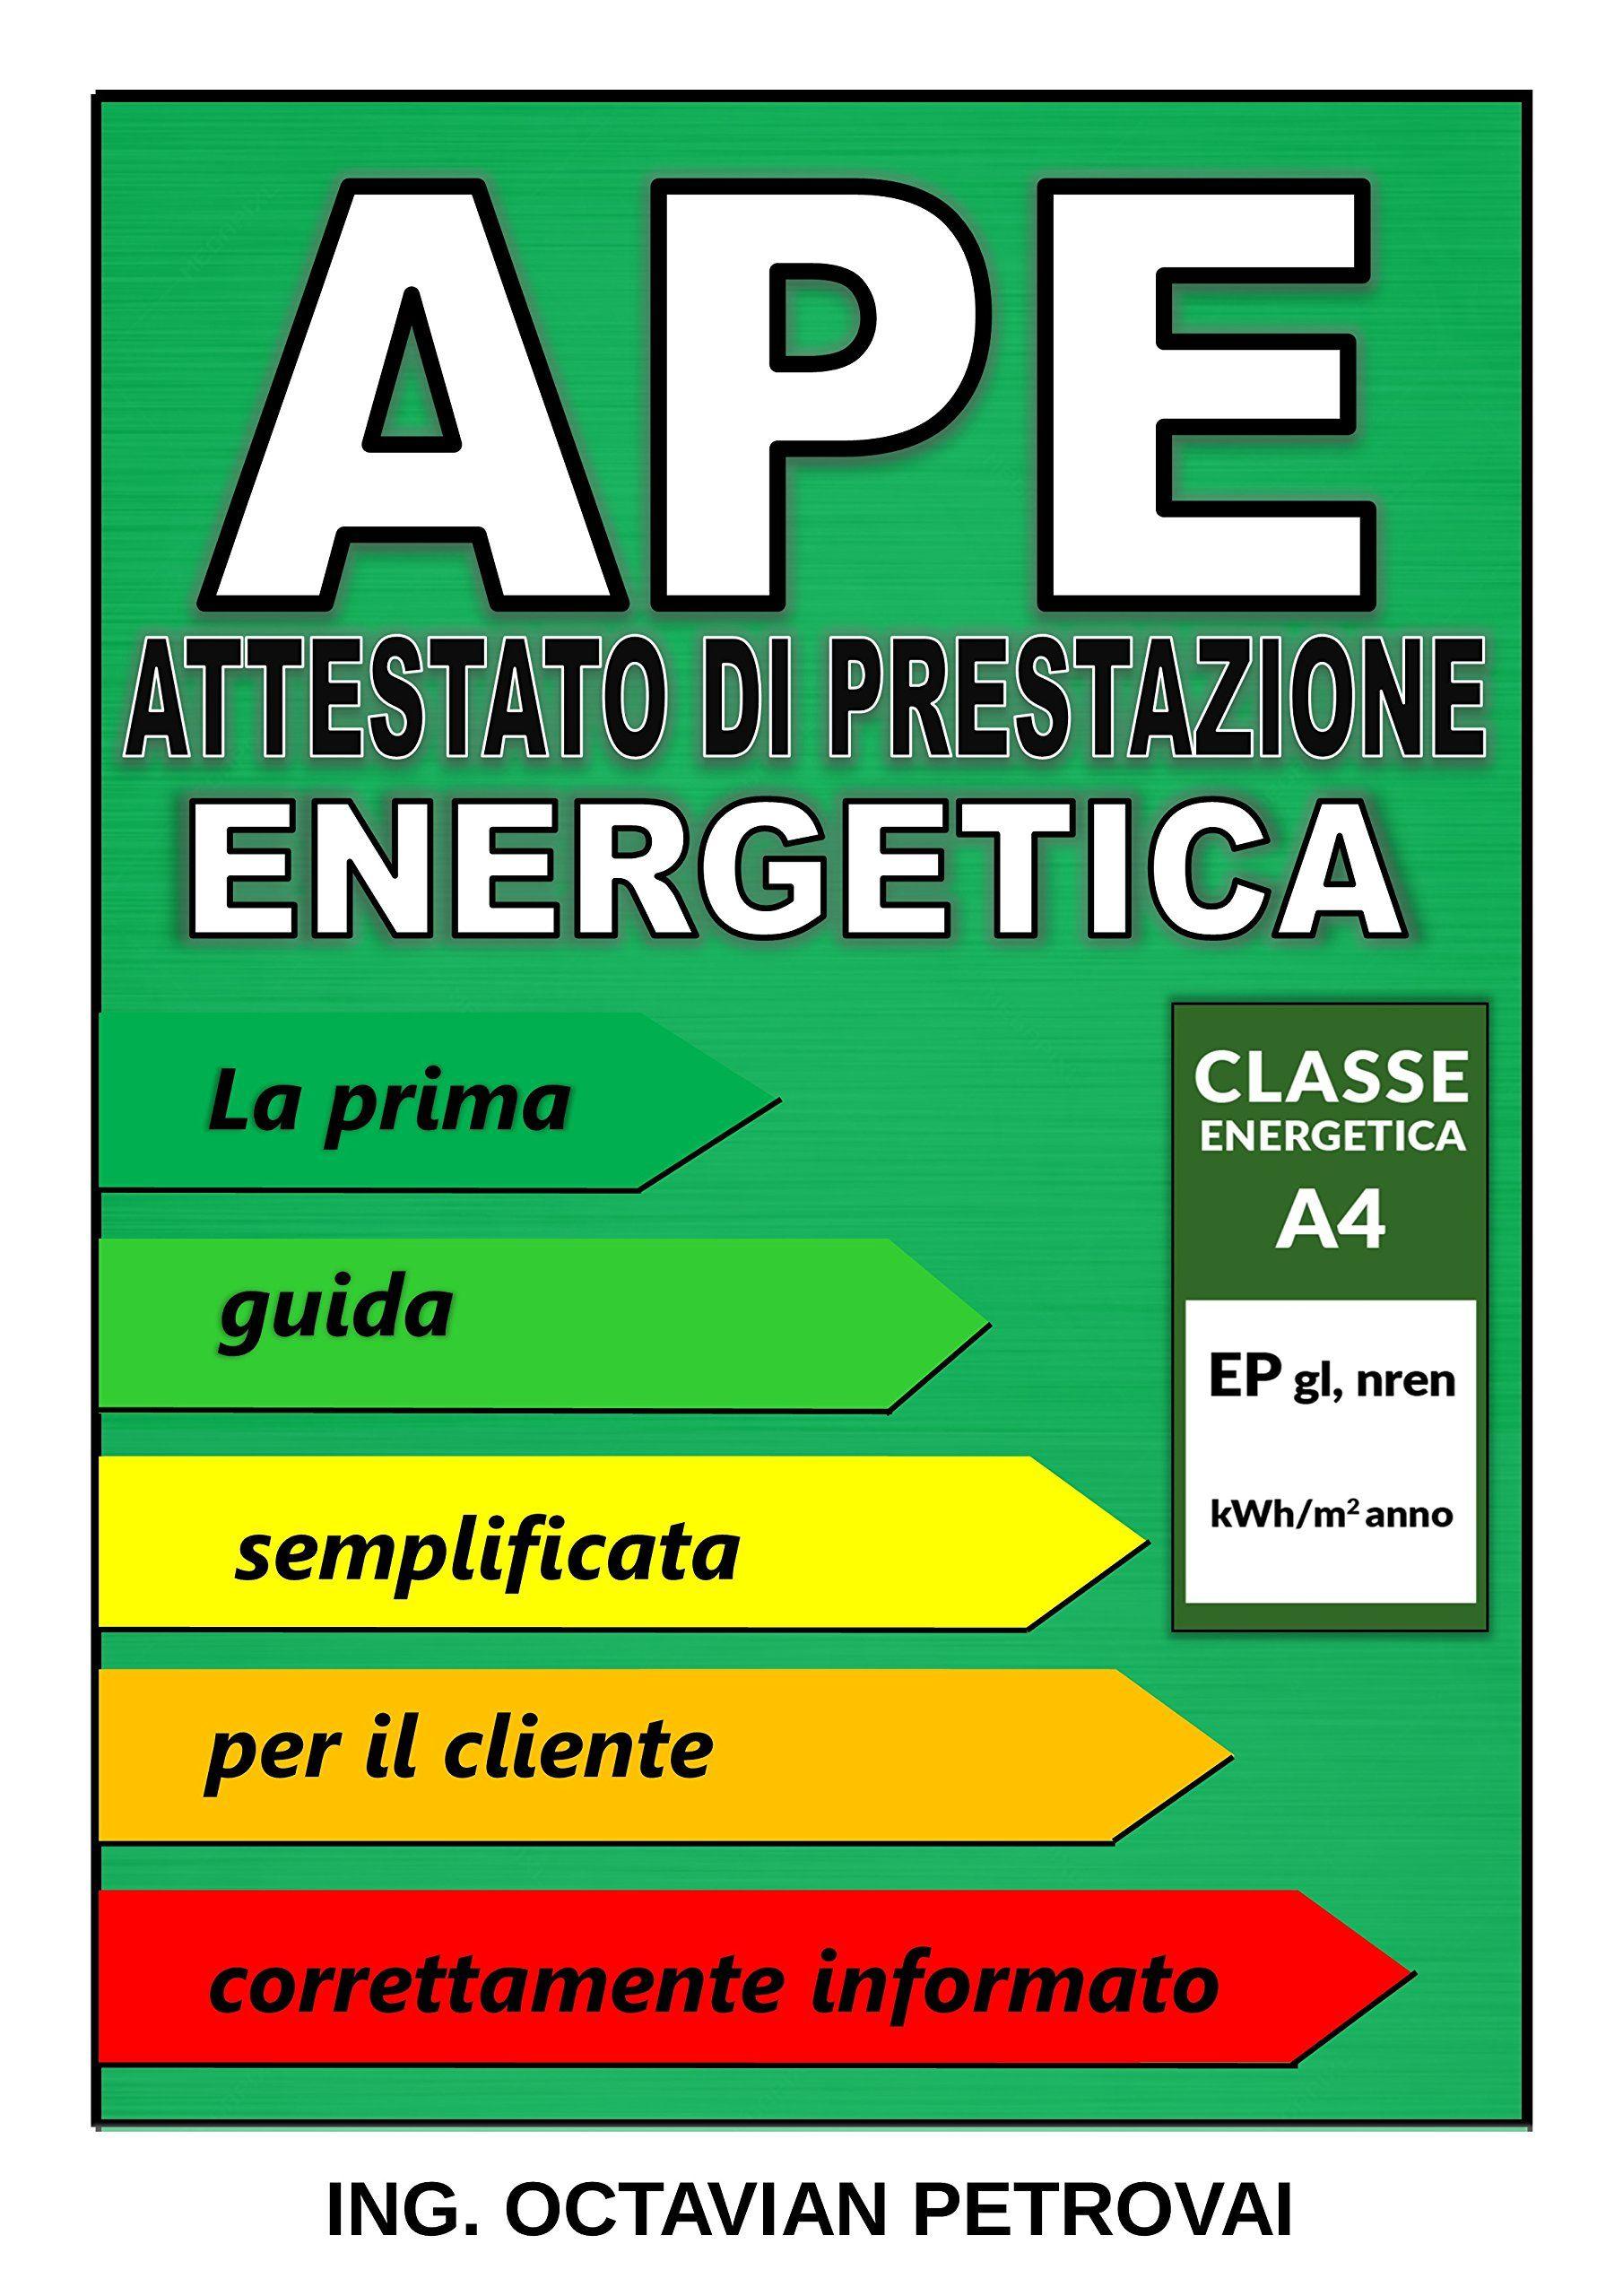 3 99 Euro Ape Attestato Di Prestazione Energetica La Prima Guida Per Il Cliente Informato Energetica Roma Vol 1 Ape Guida Primati